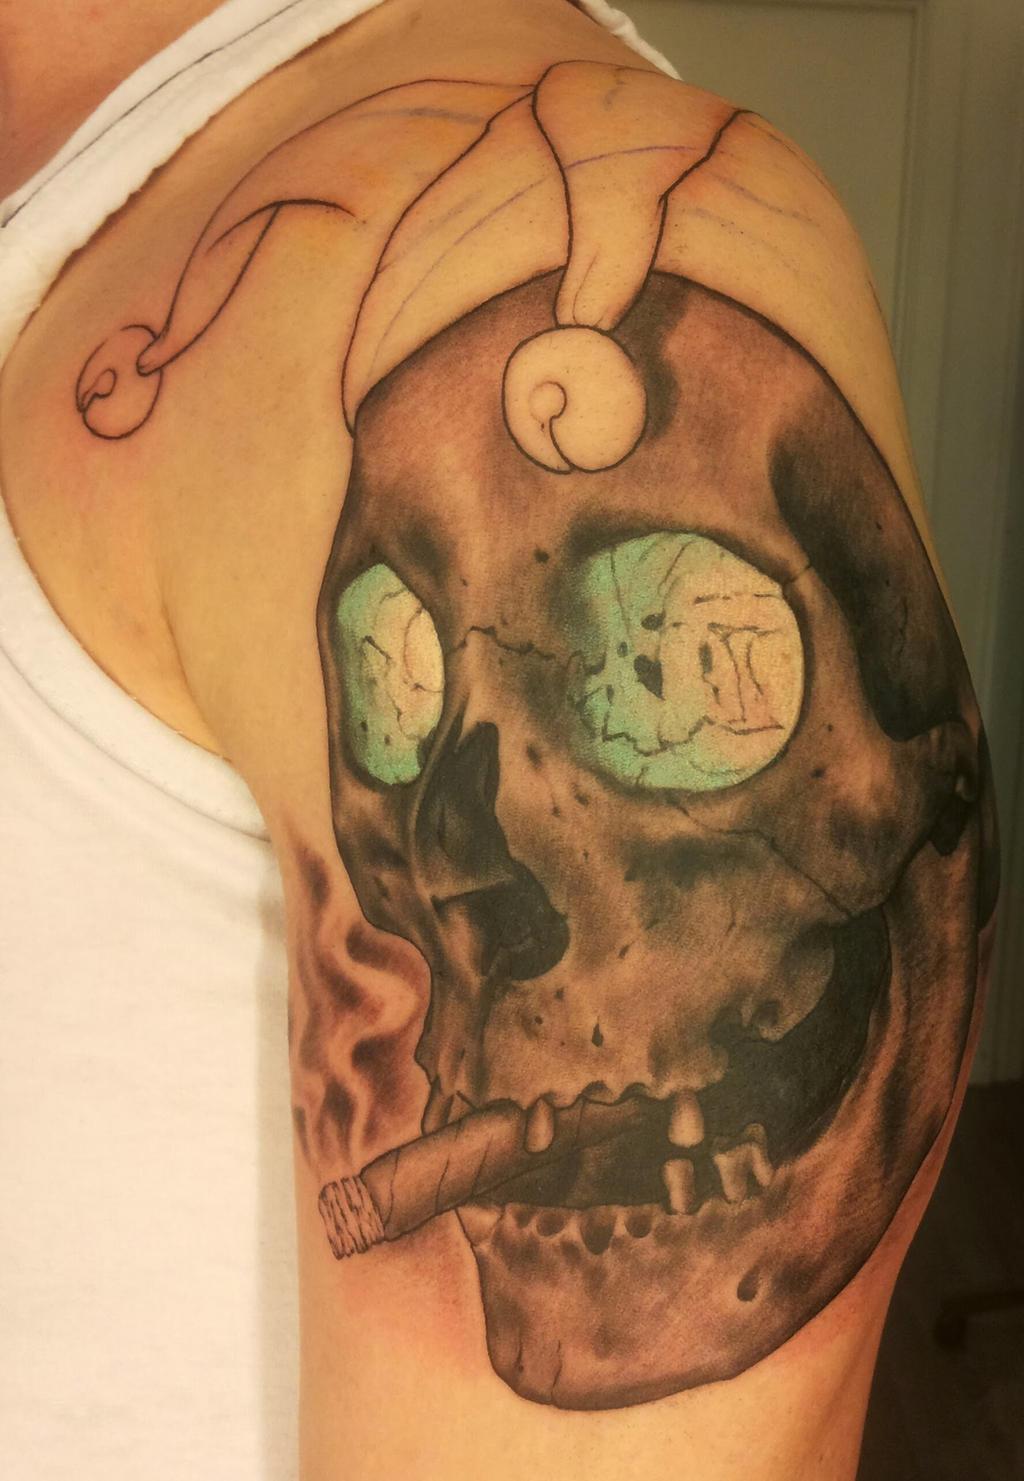 Realistic joker skull tattoo by soederberg on deviantart for Joker skull tattoo